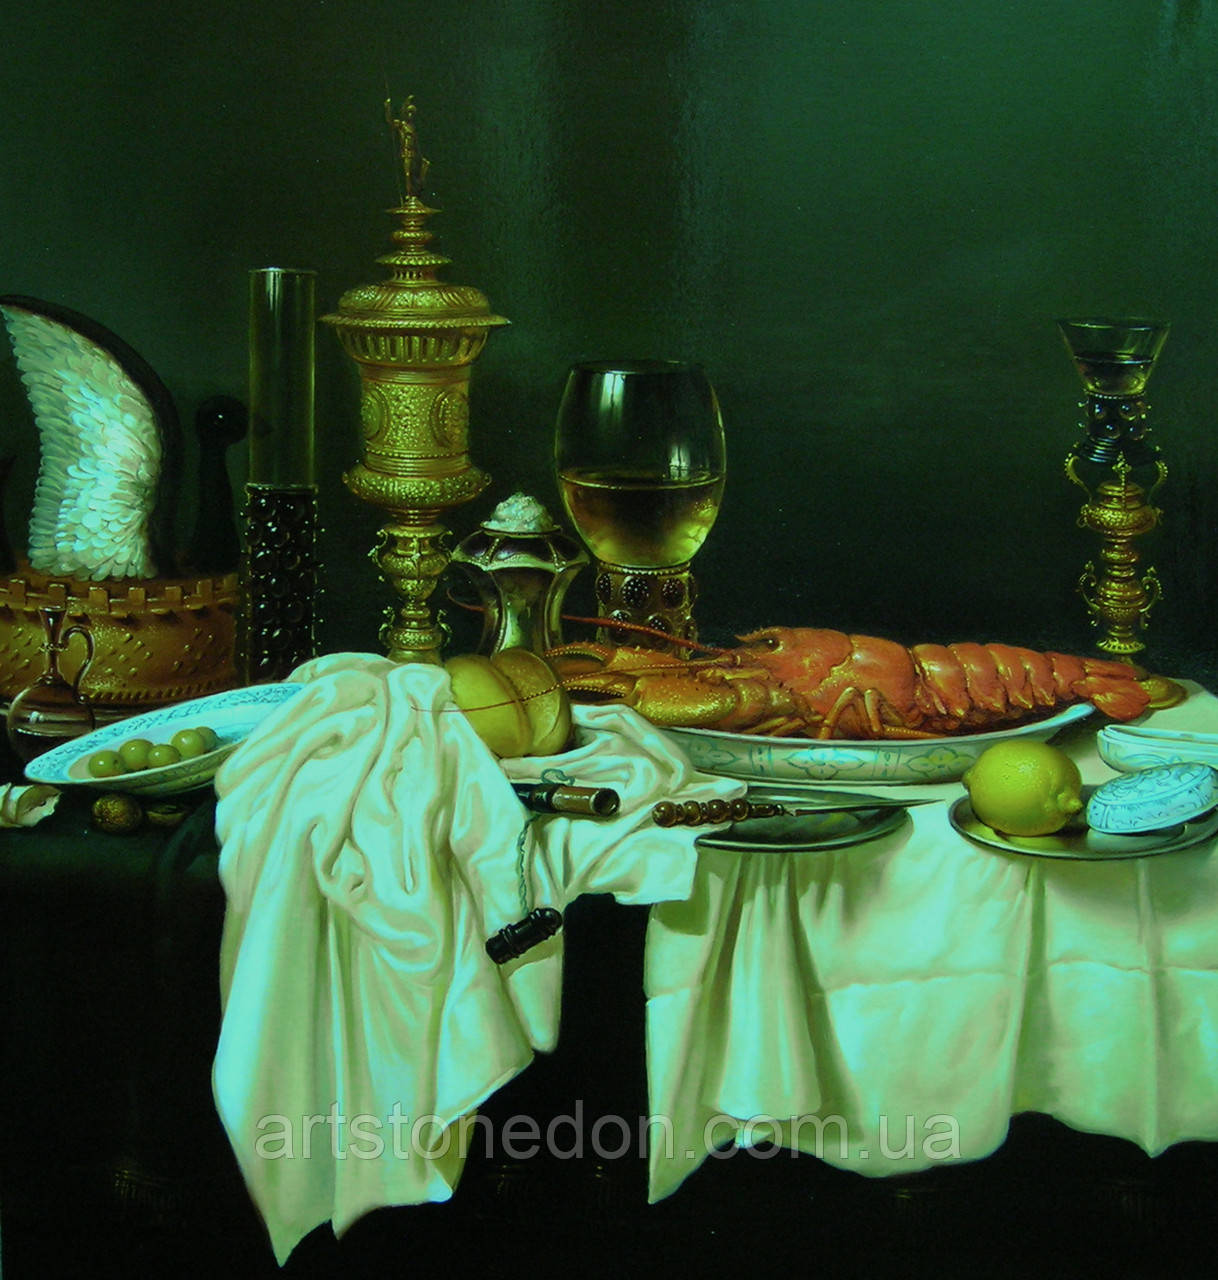 """Копия картины Виллема Класа Хеды """"Натюрморт с раком"""""""